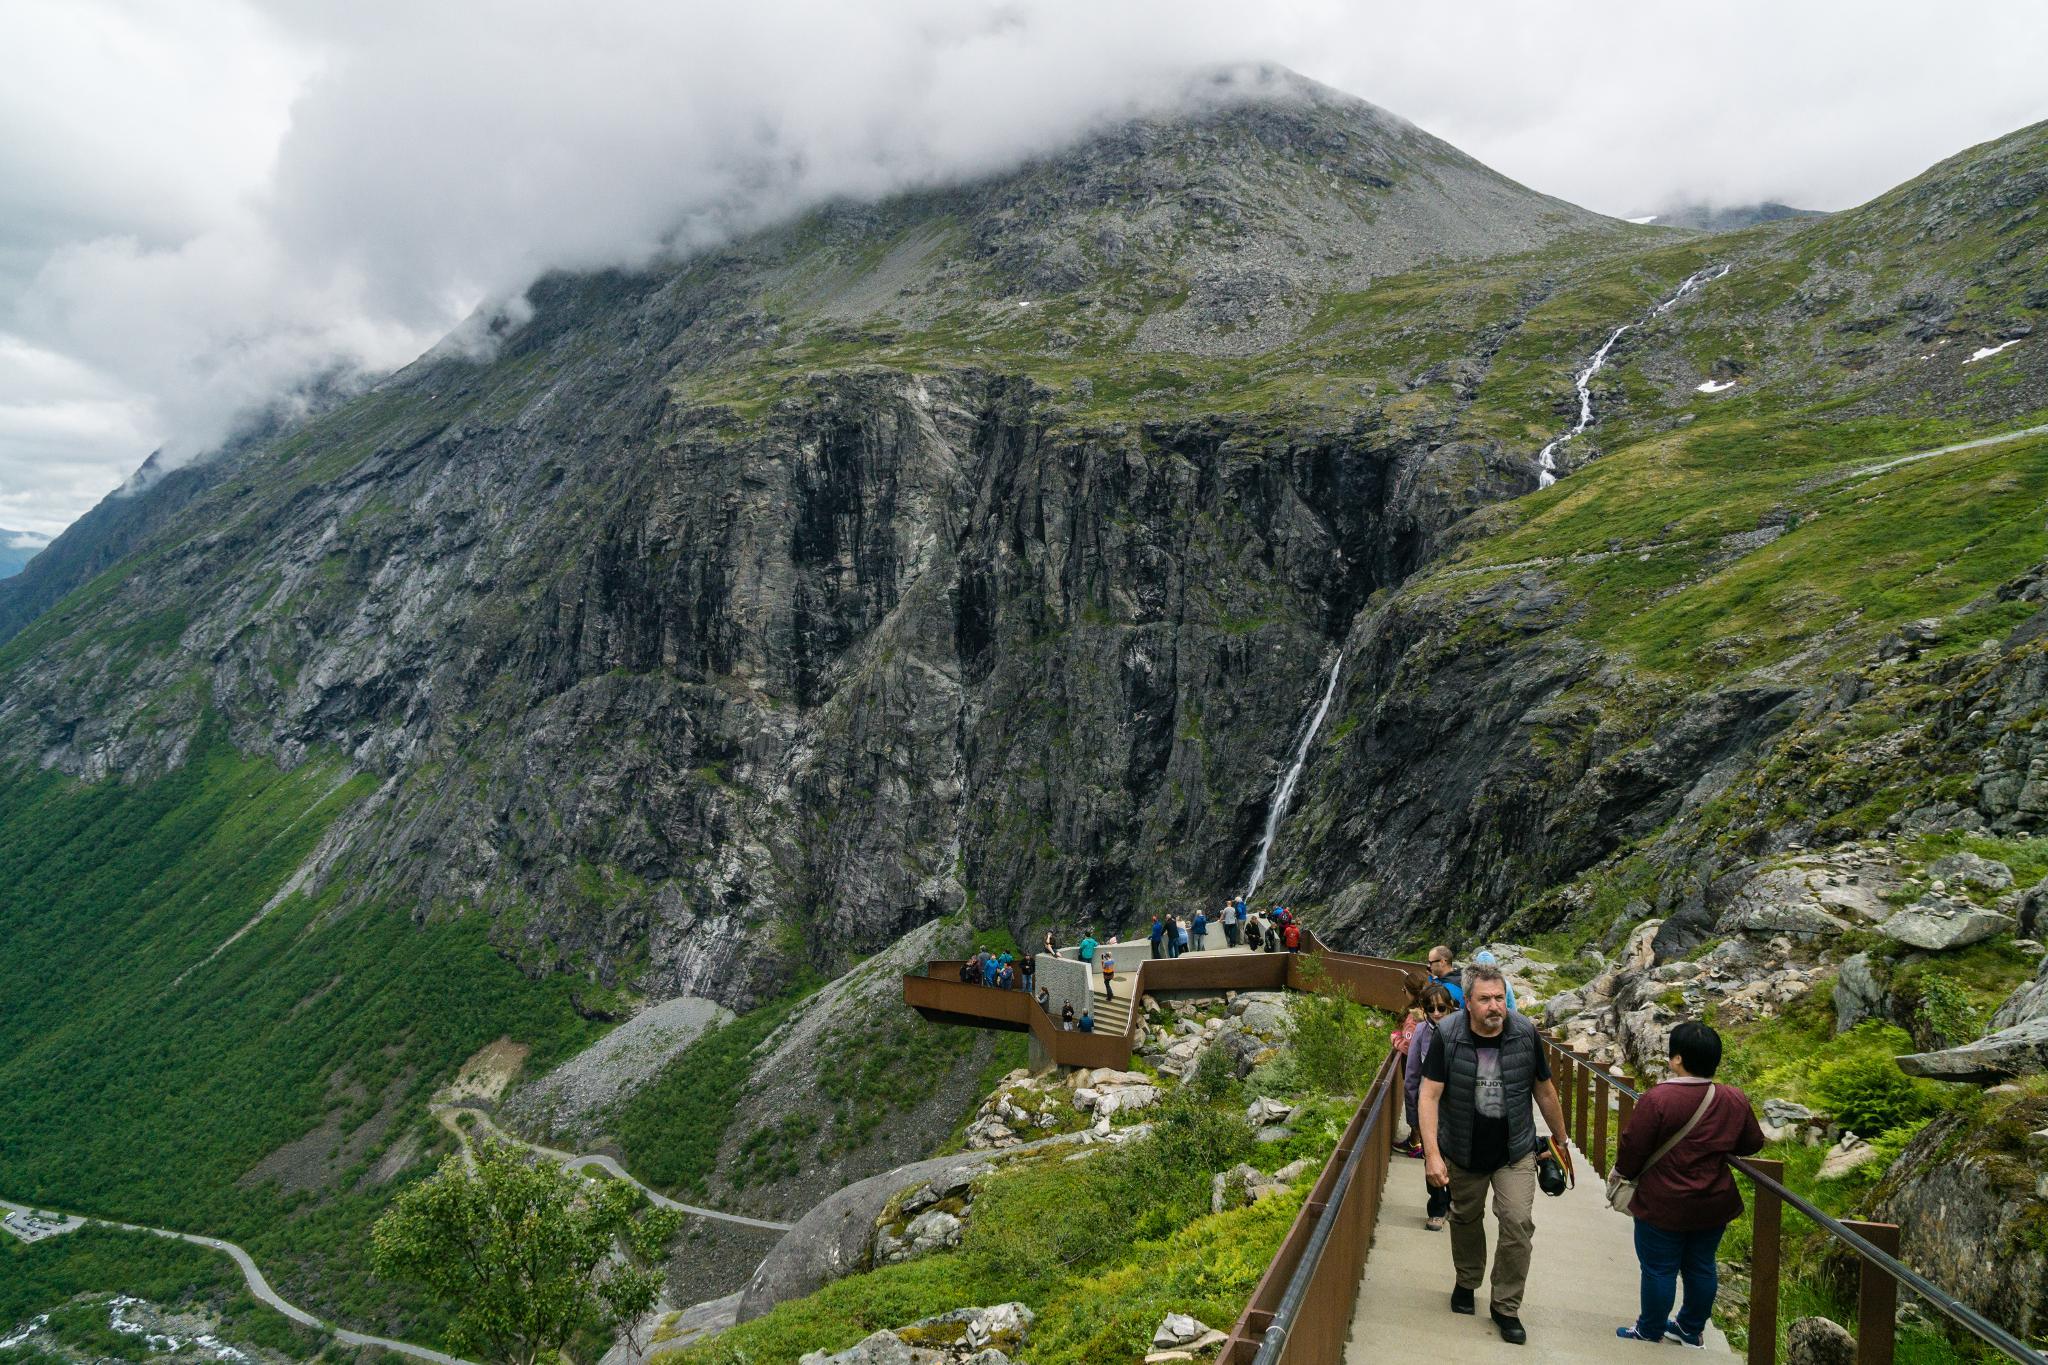 【北歐景點】Trollstigen 精靈之路 ∣ 挪威最驚險的世界級景觀公路 14